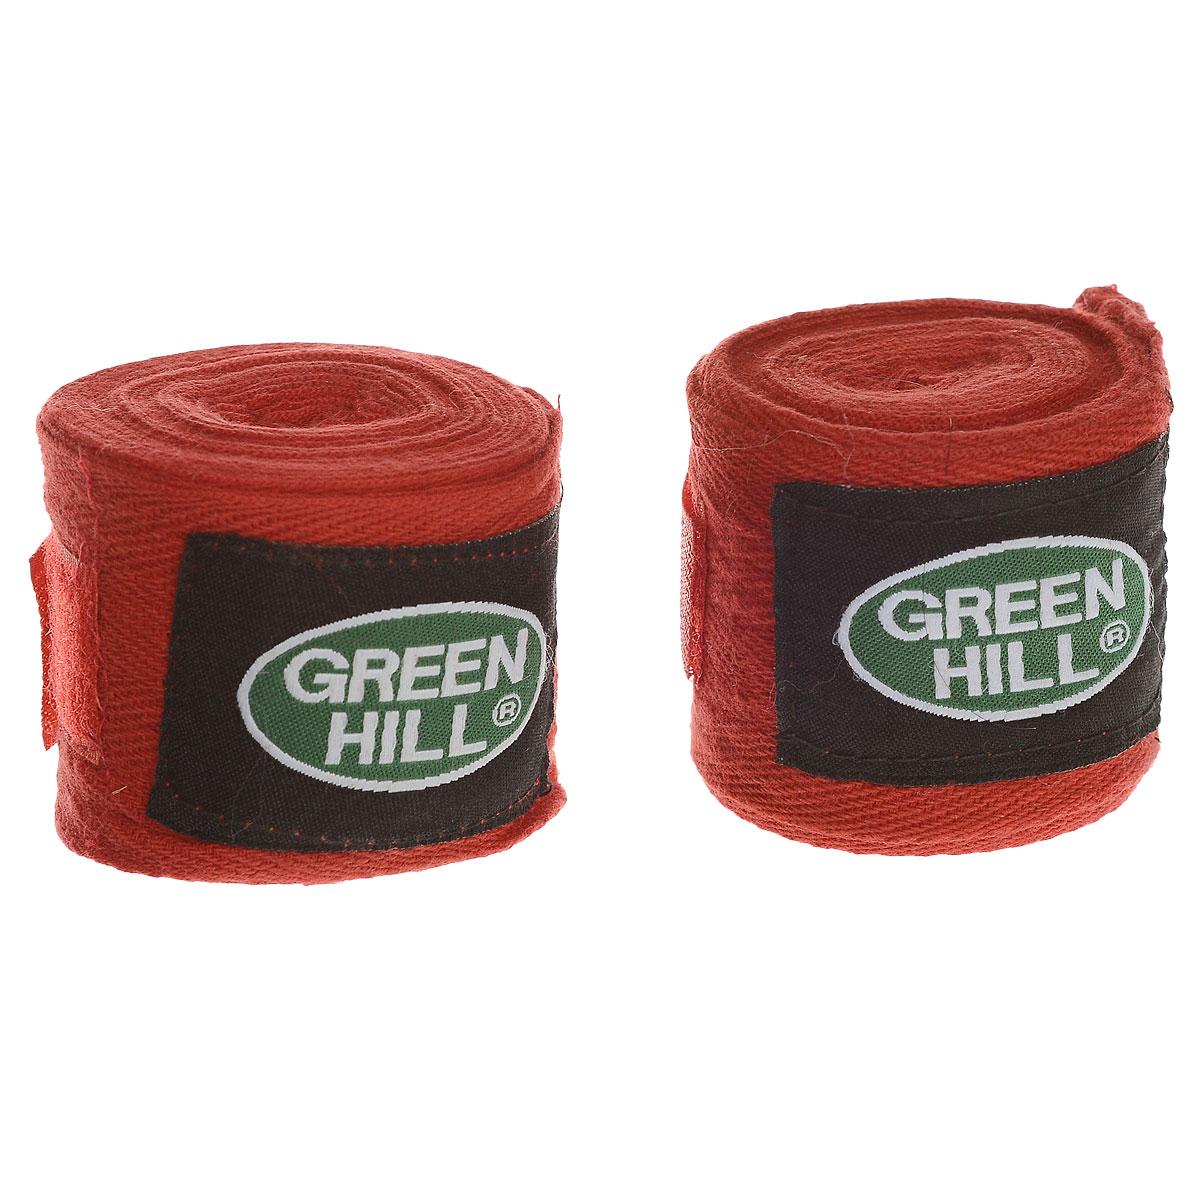 Бинты боксерские Green Hill, хлопок, цвет: красный, 2,5 м, 2 штadiBP03Бинты Green Hill предназначены для защиты запястья во время занятий боксом. Изготовлены из высококачественного хлопка. Бинты надежно закрепляются на руке застежкой на липучке.Длина бинтов: 2,5 м.